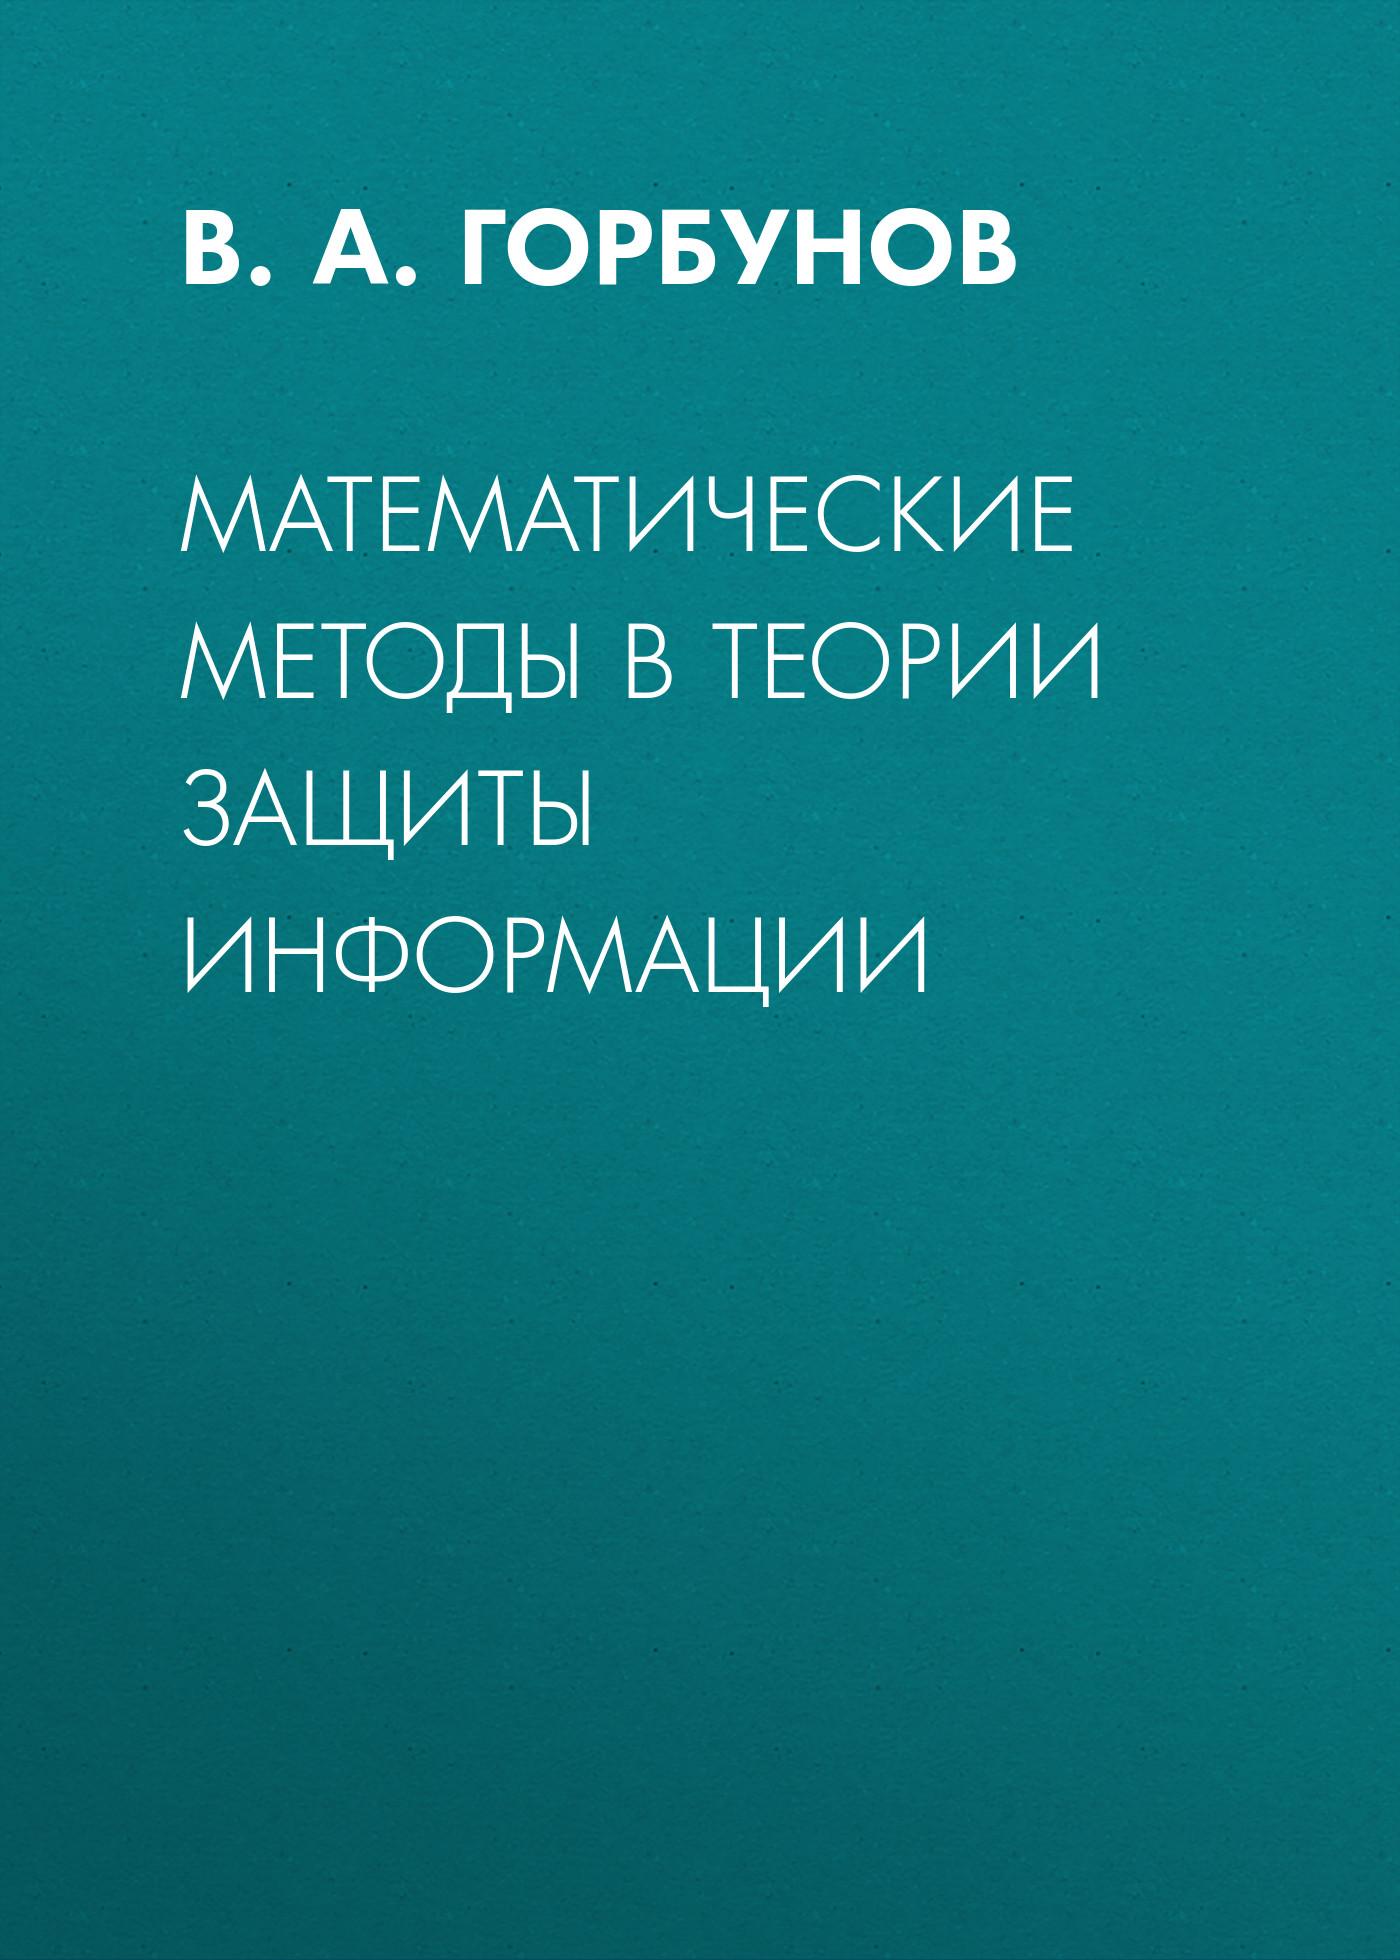 Математические методы в теории защиты информации